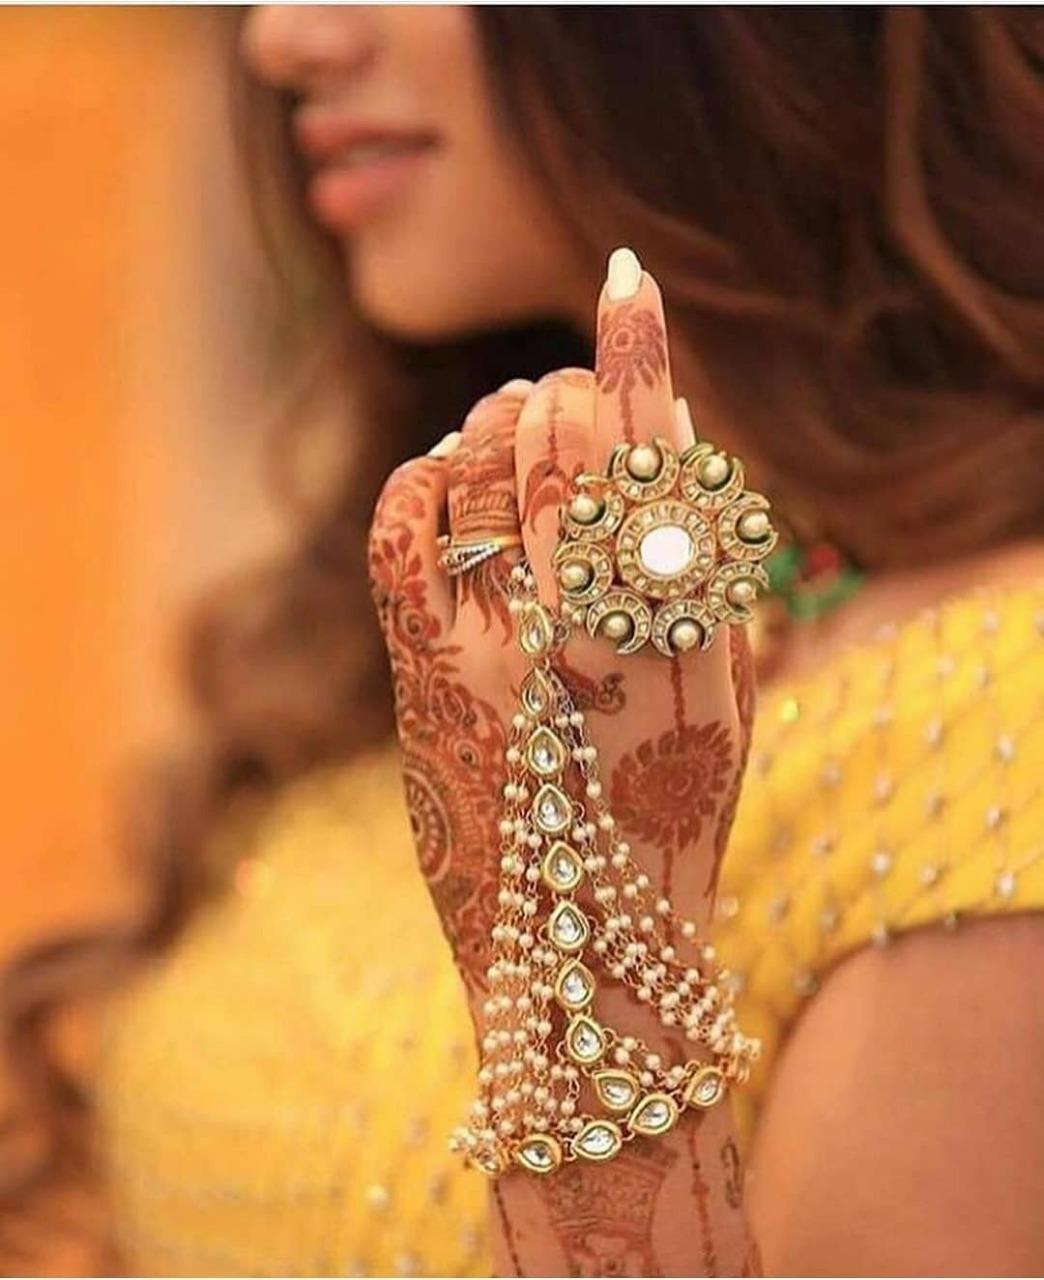 शादी का दिन हर लड़की के लिए खास होता है, तभी तो वह अपने नेकलेस, लहंगा, फुटवियर से लेकर हर चीज खास चुनती हैं।